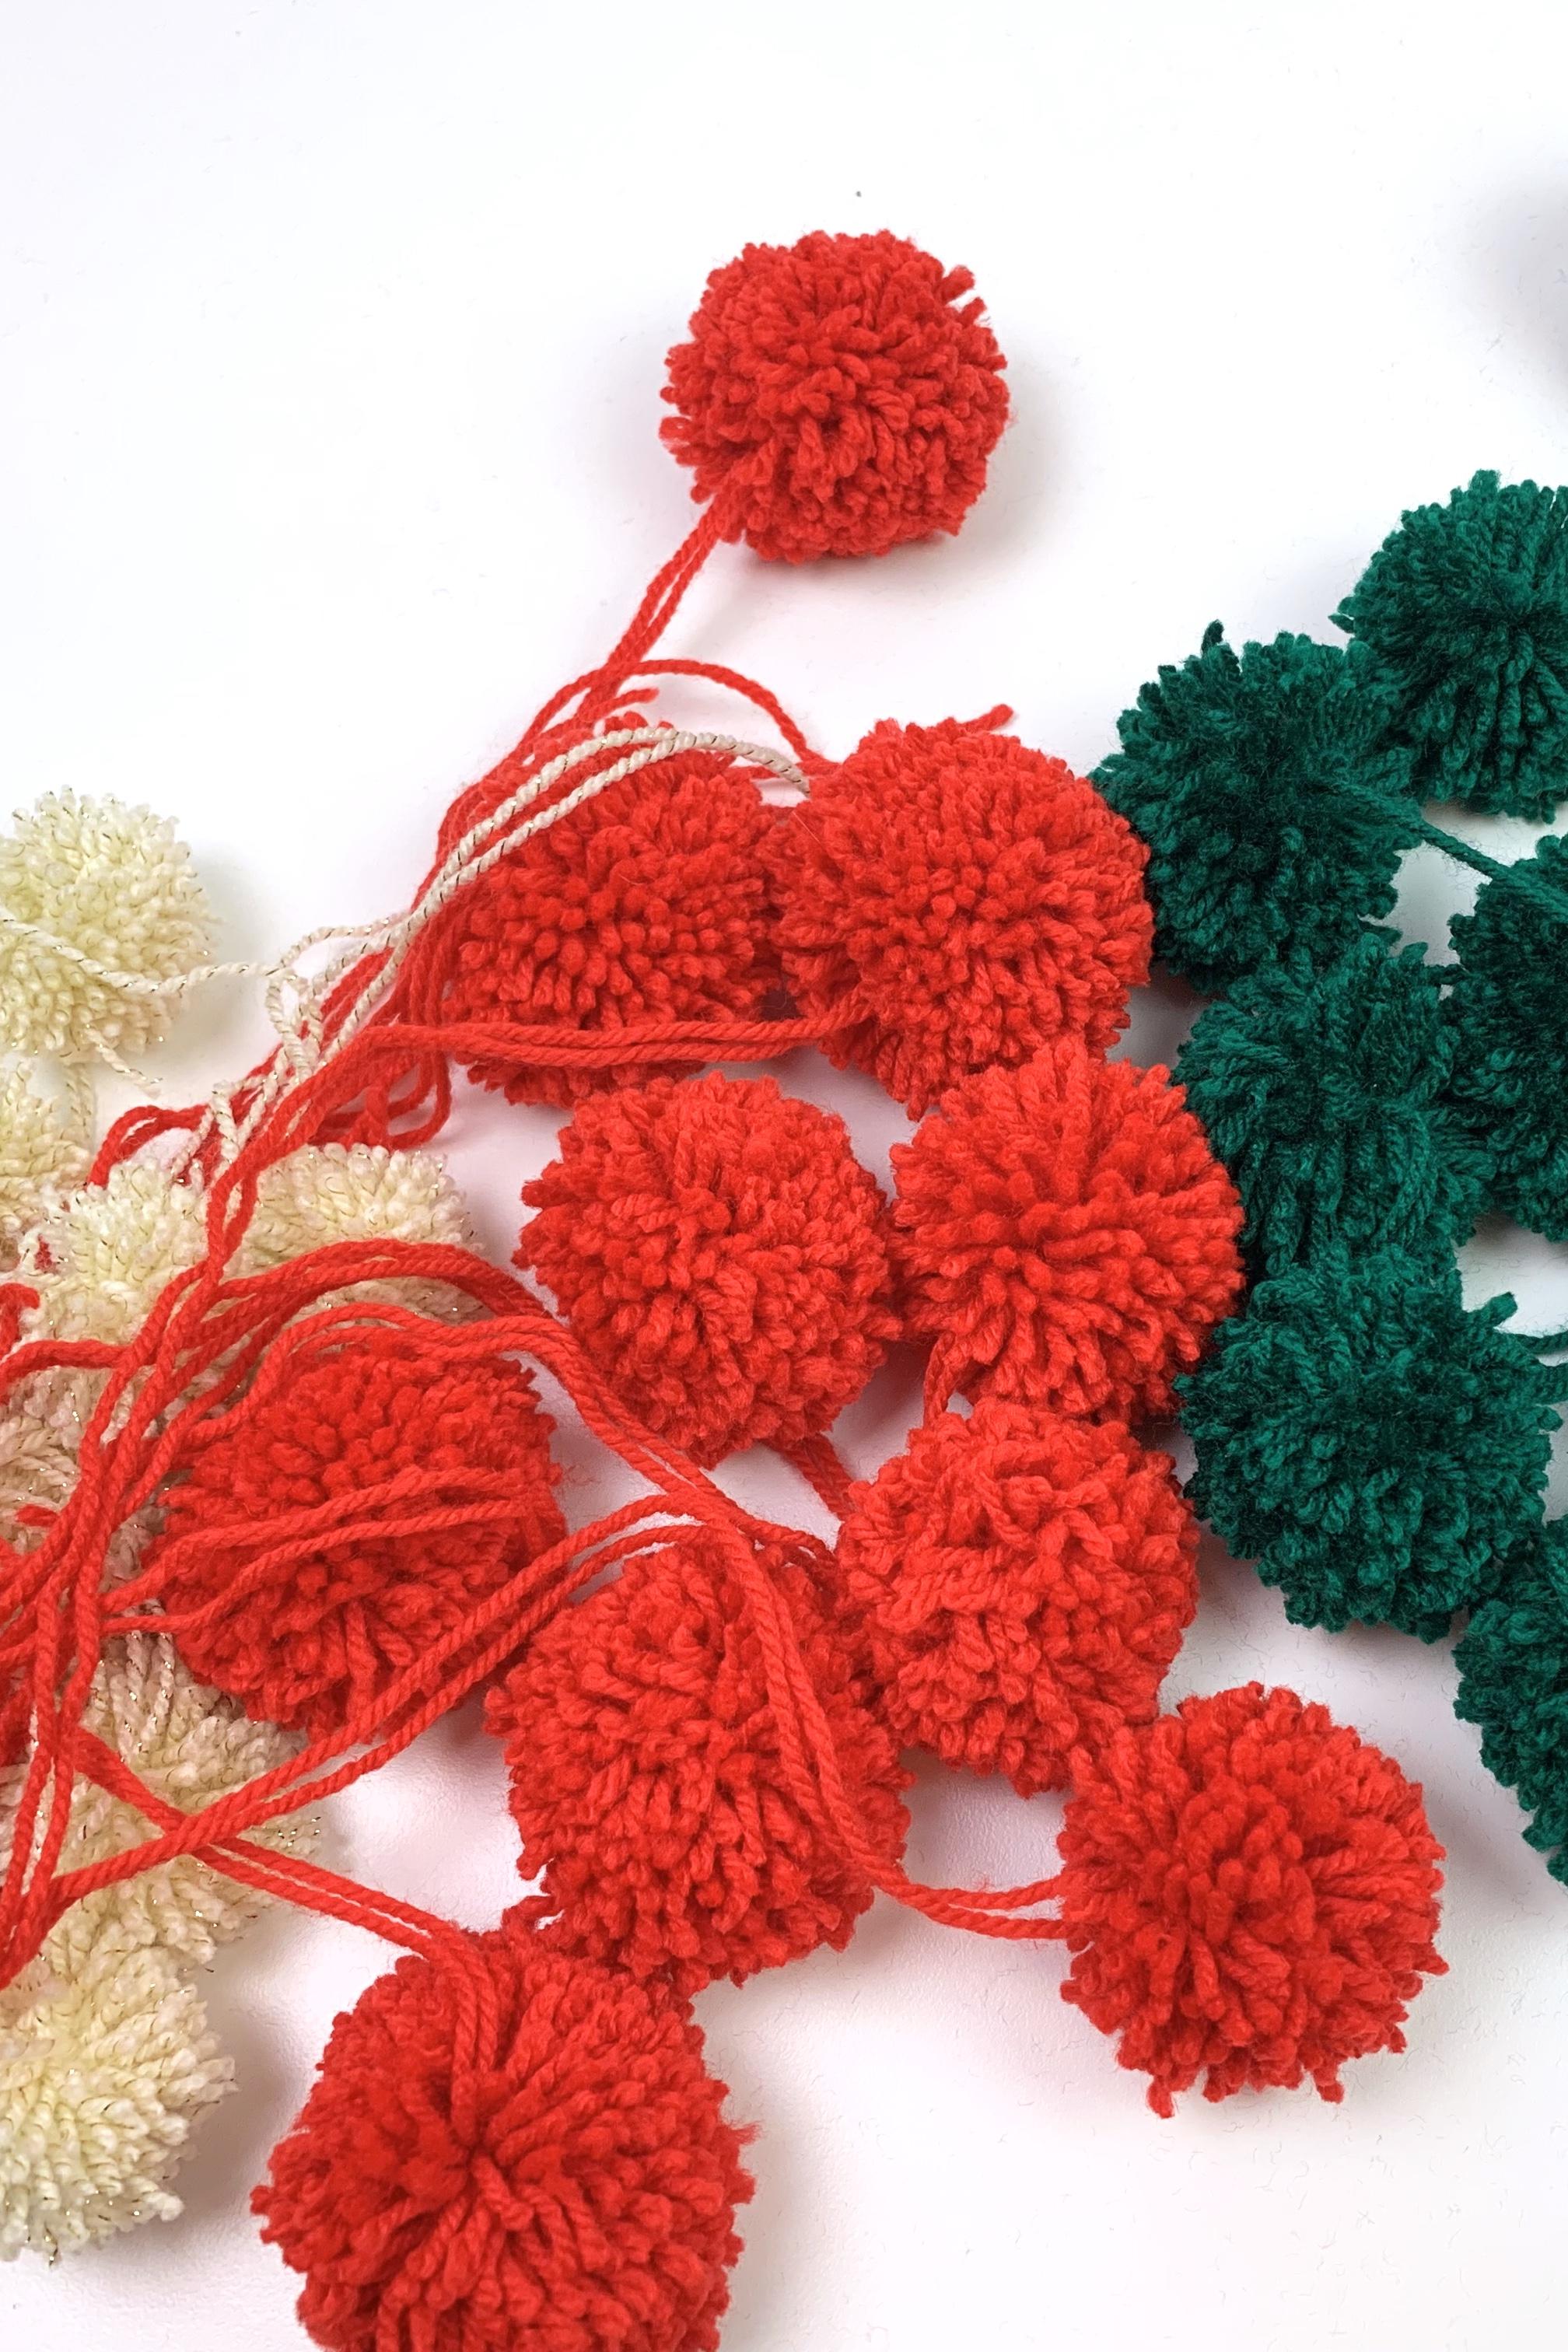 12. - Wiederhole jetzt diesen Vorgang bis du genügend Pompons zusammen hast. Dabei kannst du die Größe und Farbe so variieren wie du möchtest.